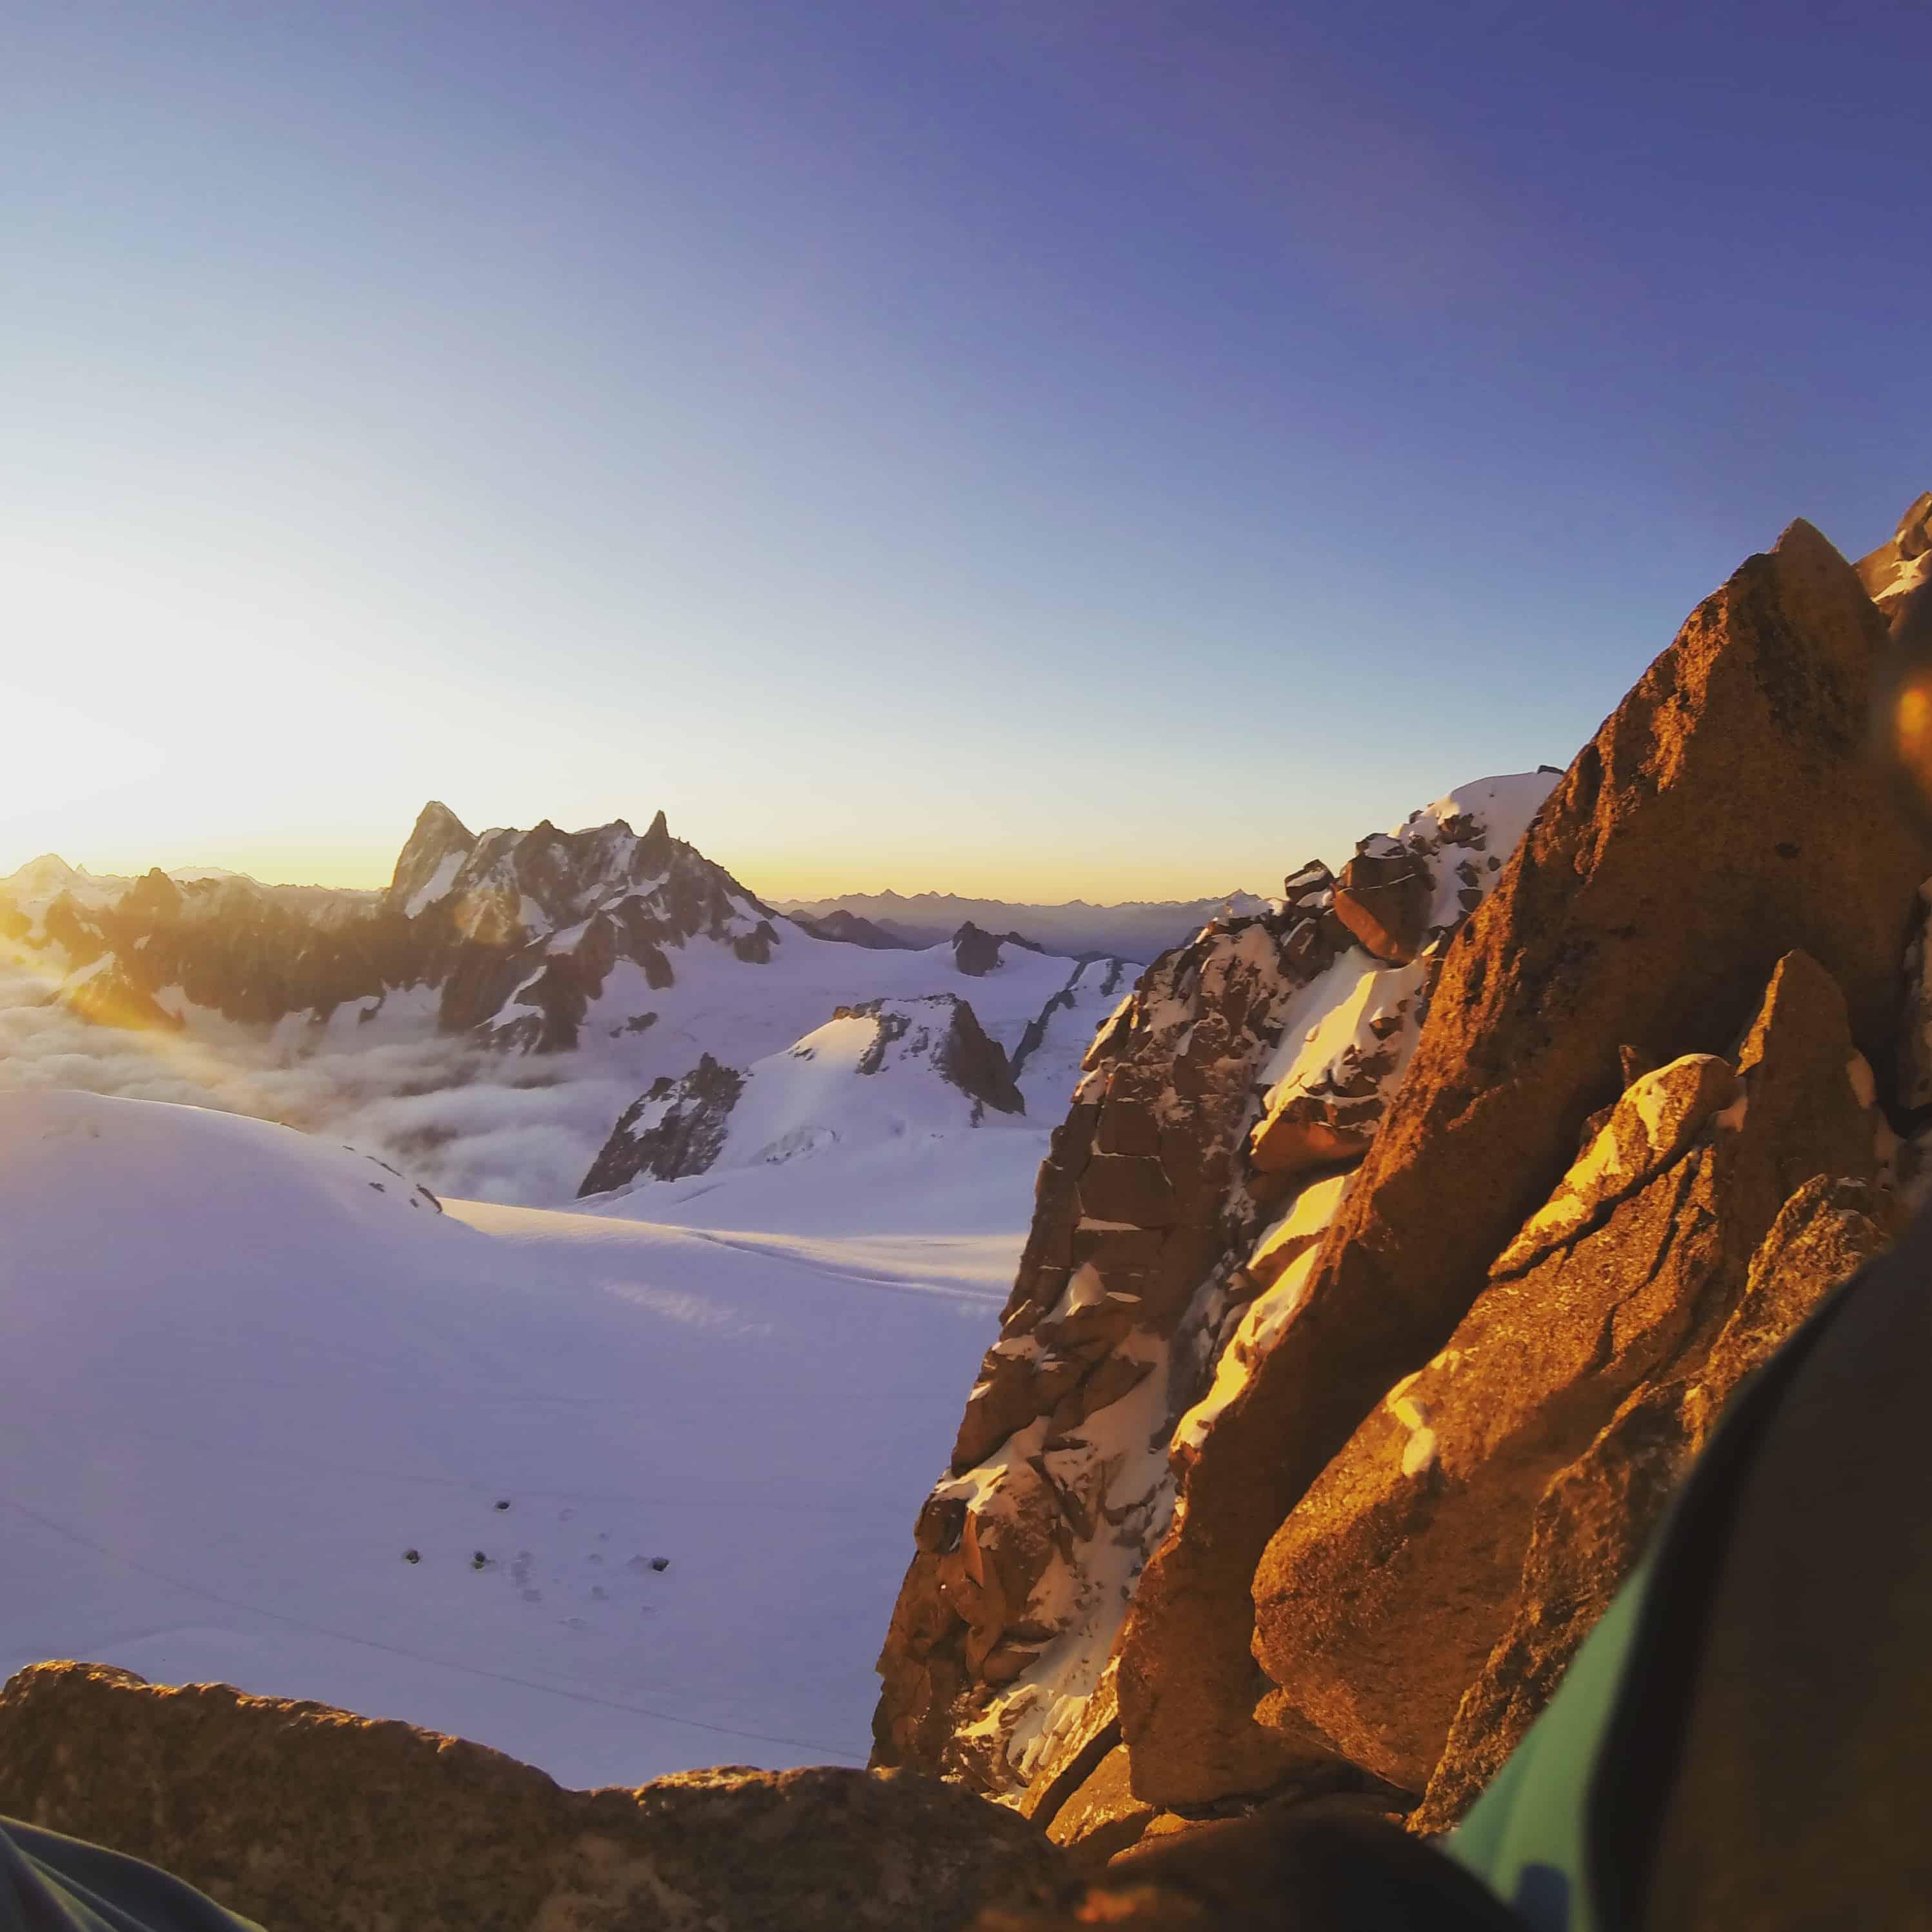 IMG 1524 - Filme für Bergsteiger